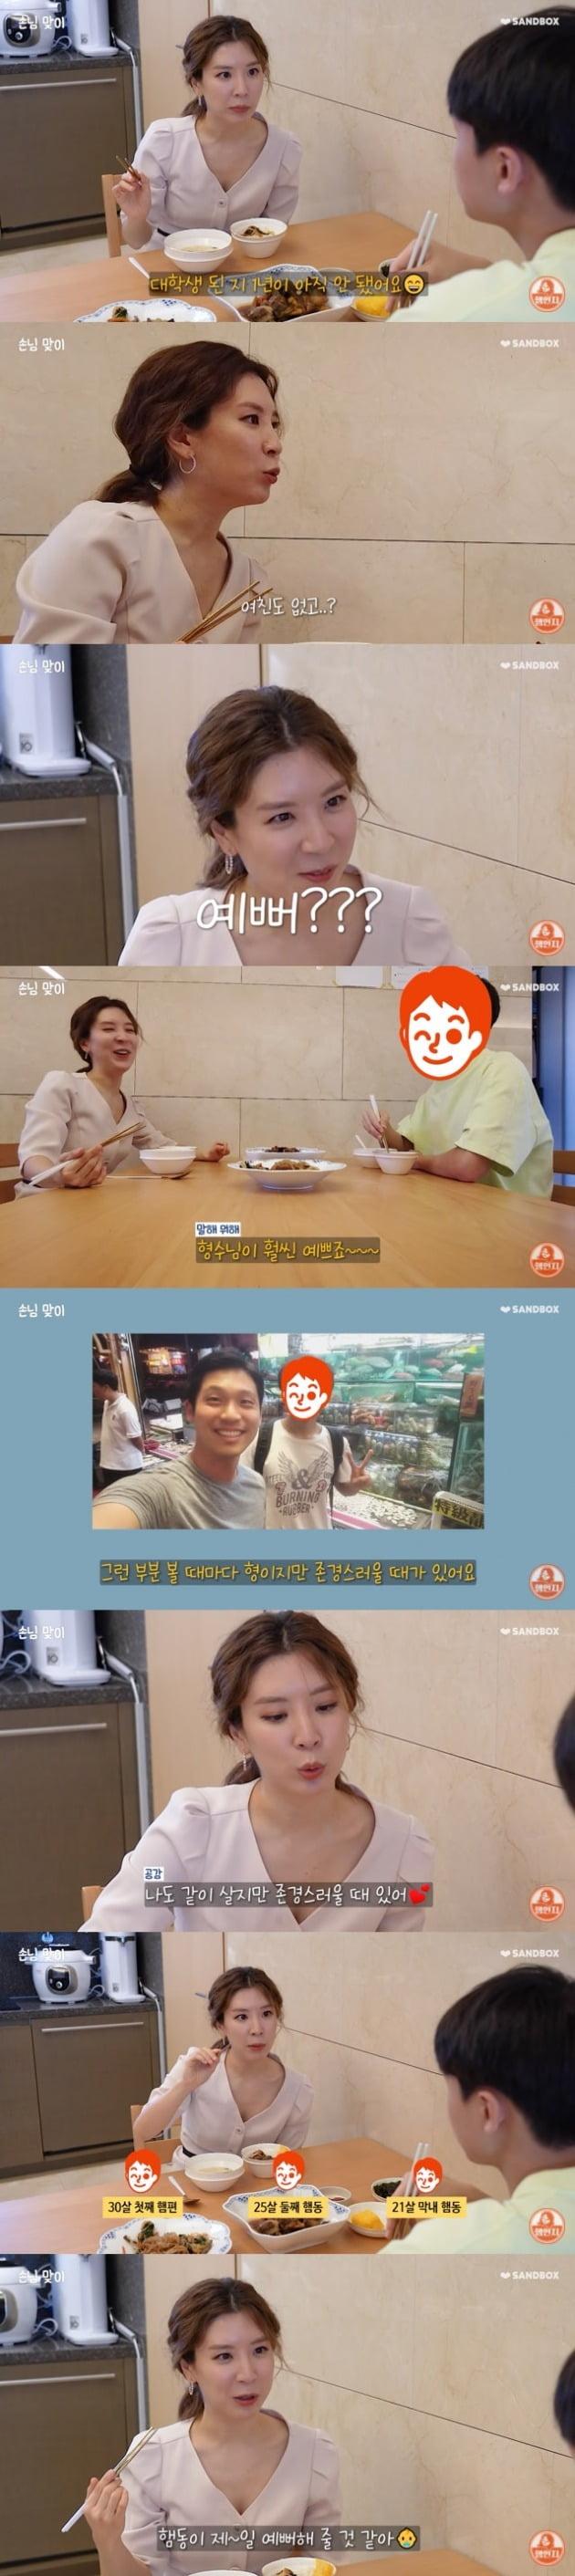 사진=함연지 유튜브 채널 캡처